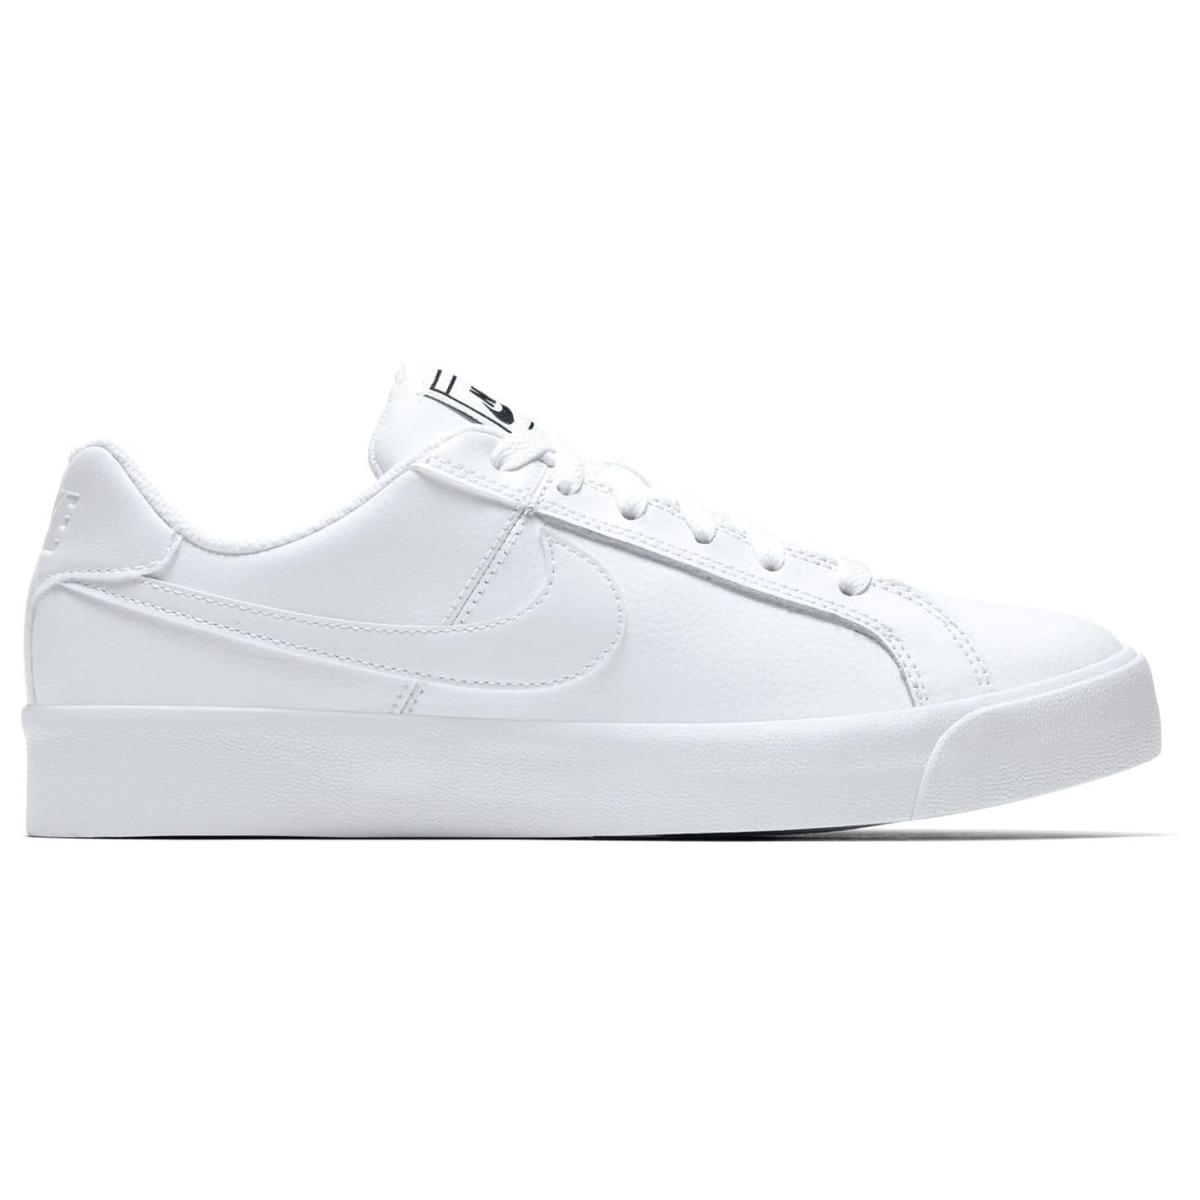 Nike Court Royale AC Turnschuhe Damen Sneaker Sportschuhe Laufschuhe 4042